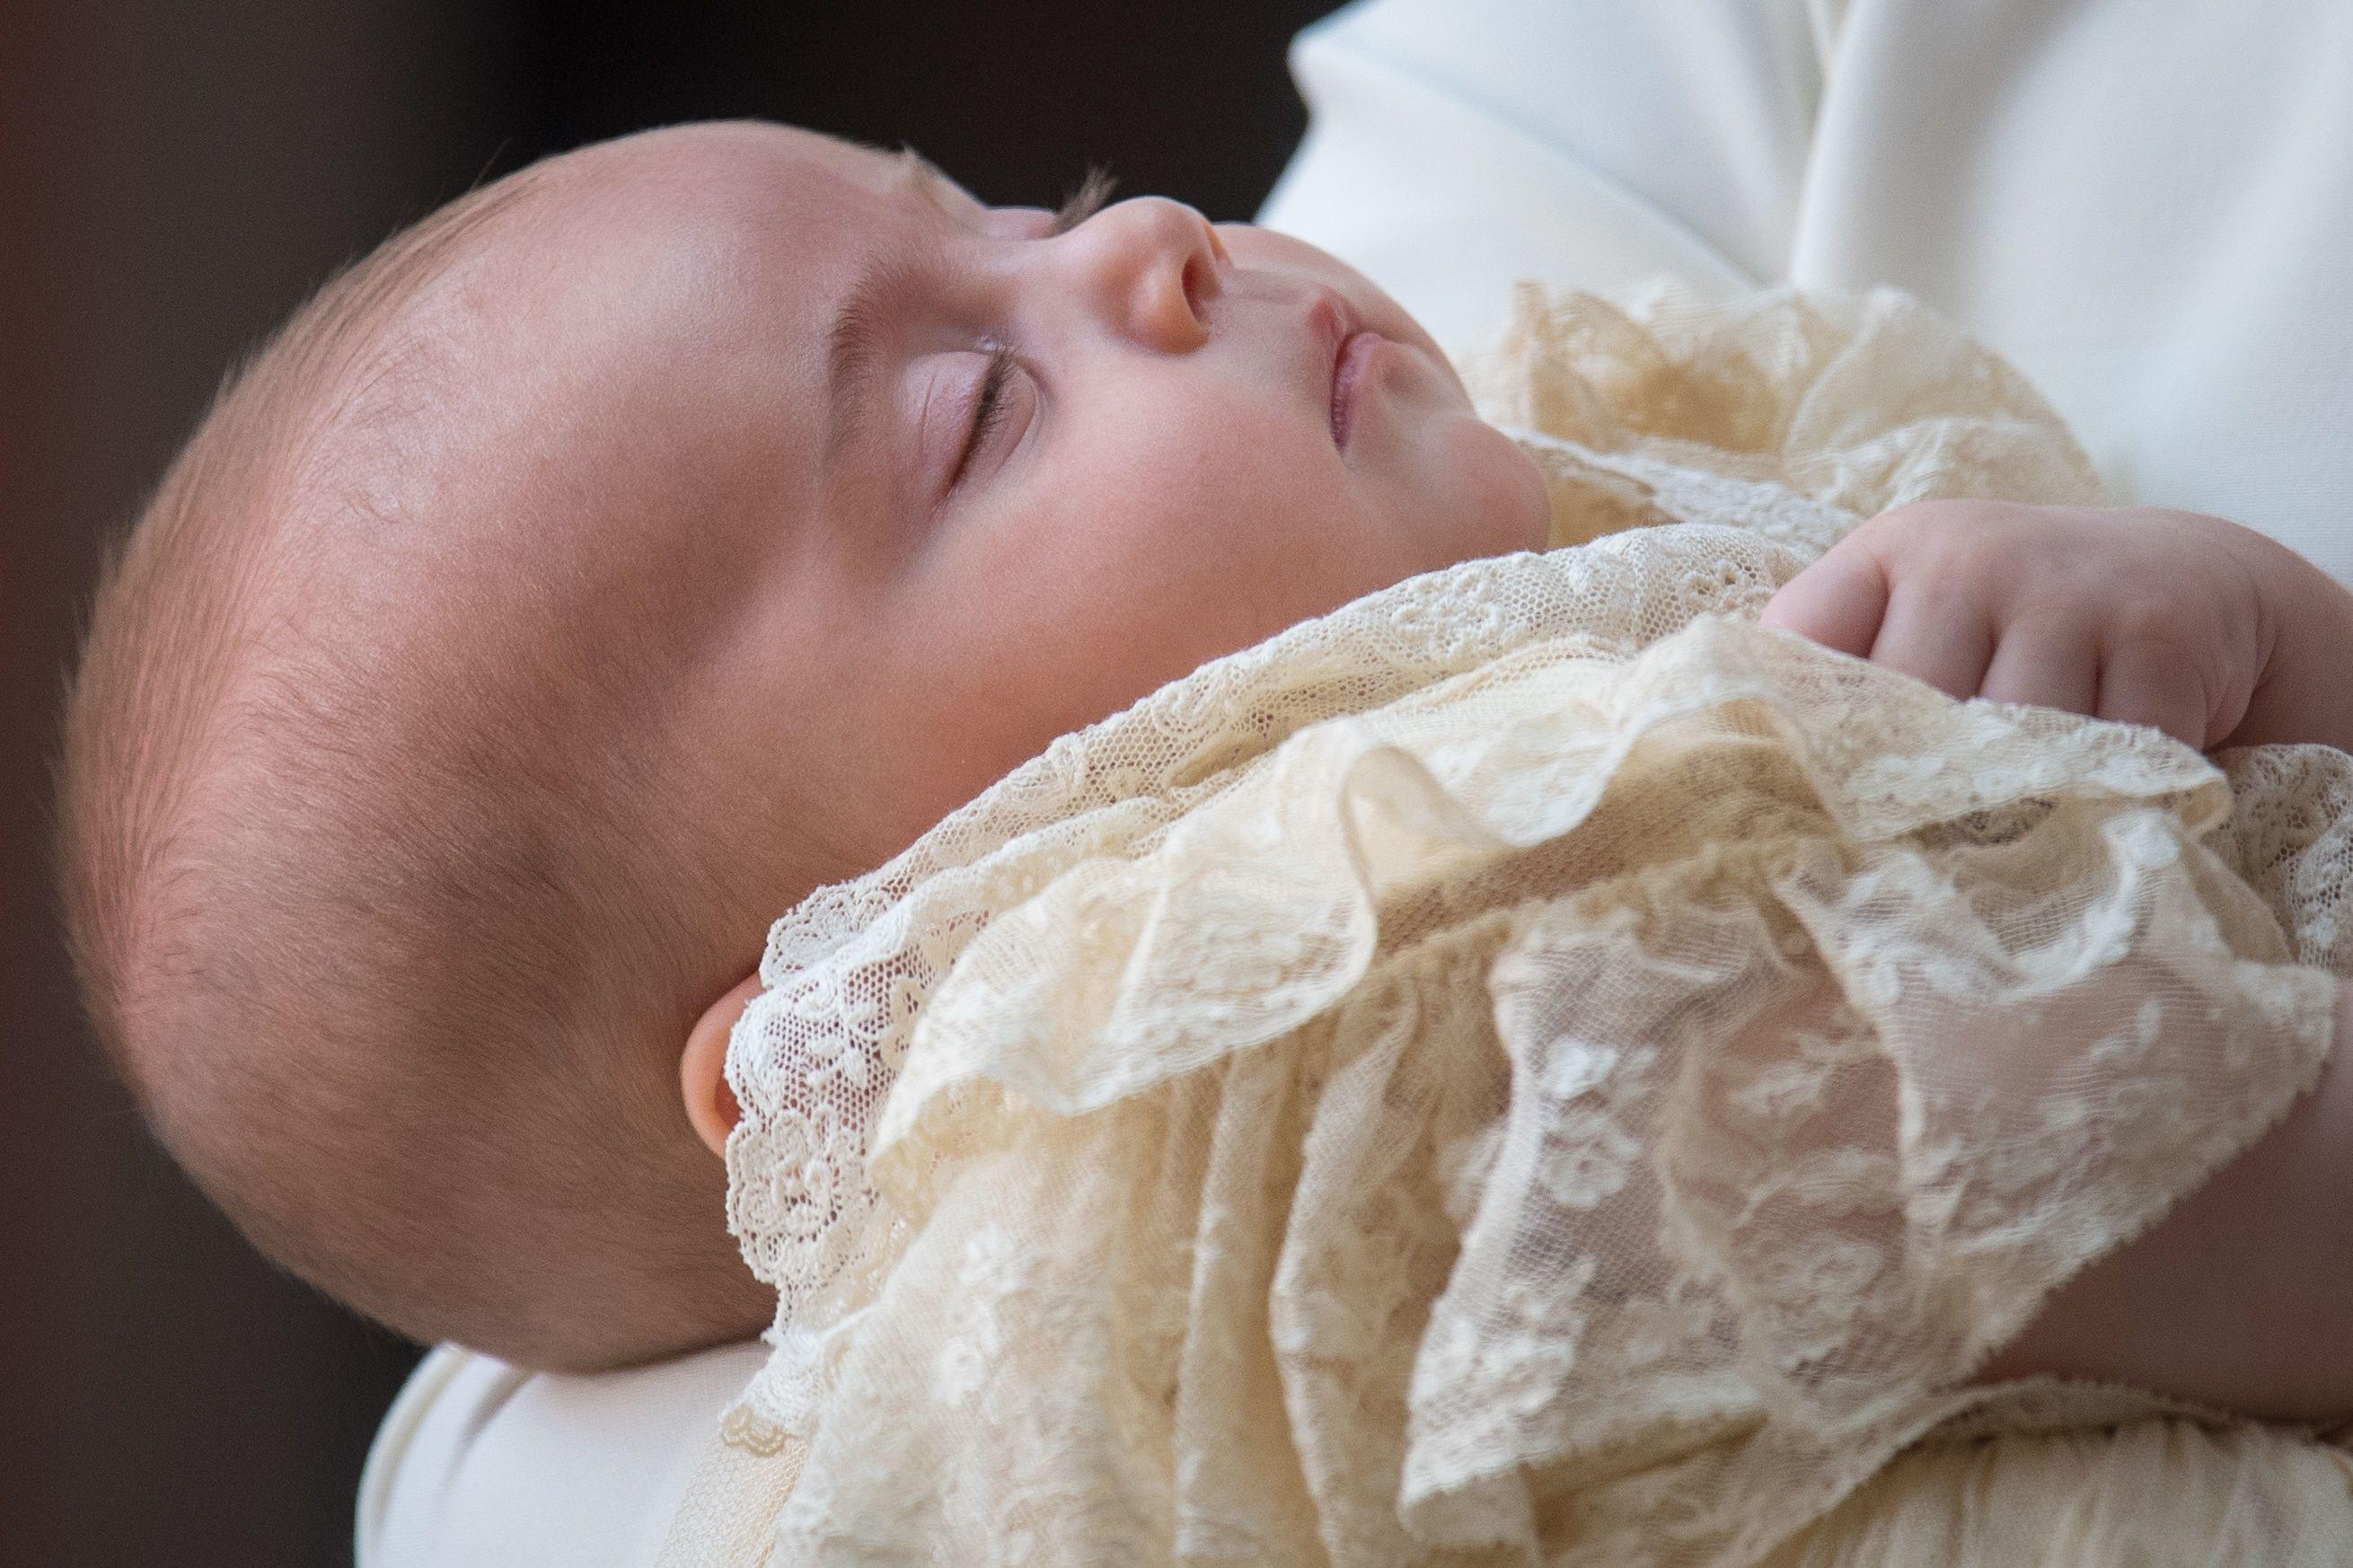 Divulgadas fotos oficiais do batizado do príncipe Louis; veja